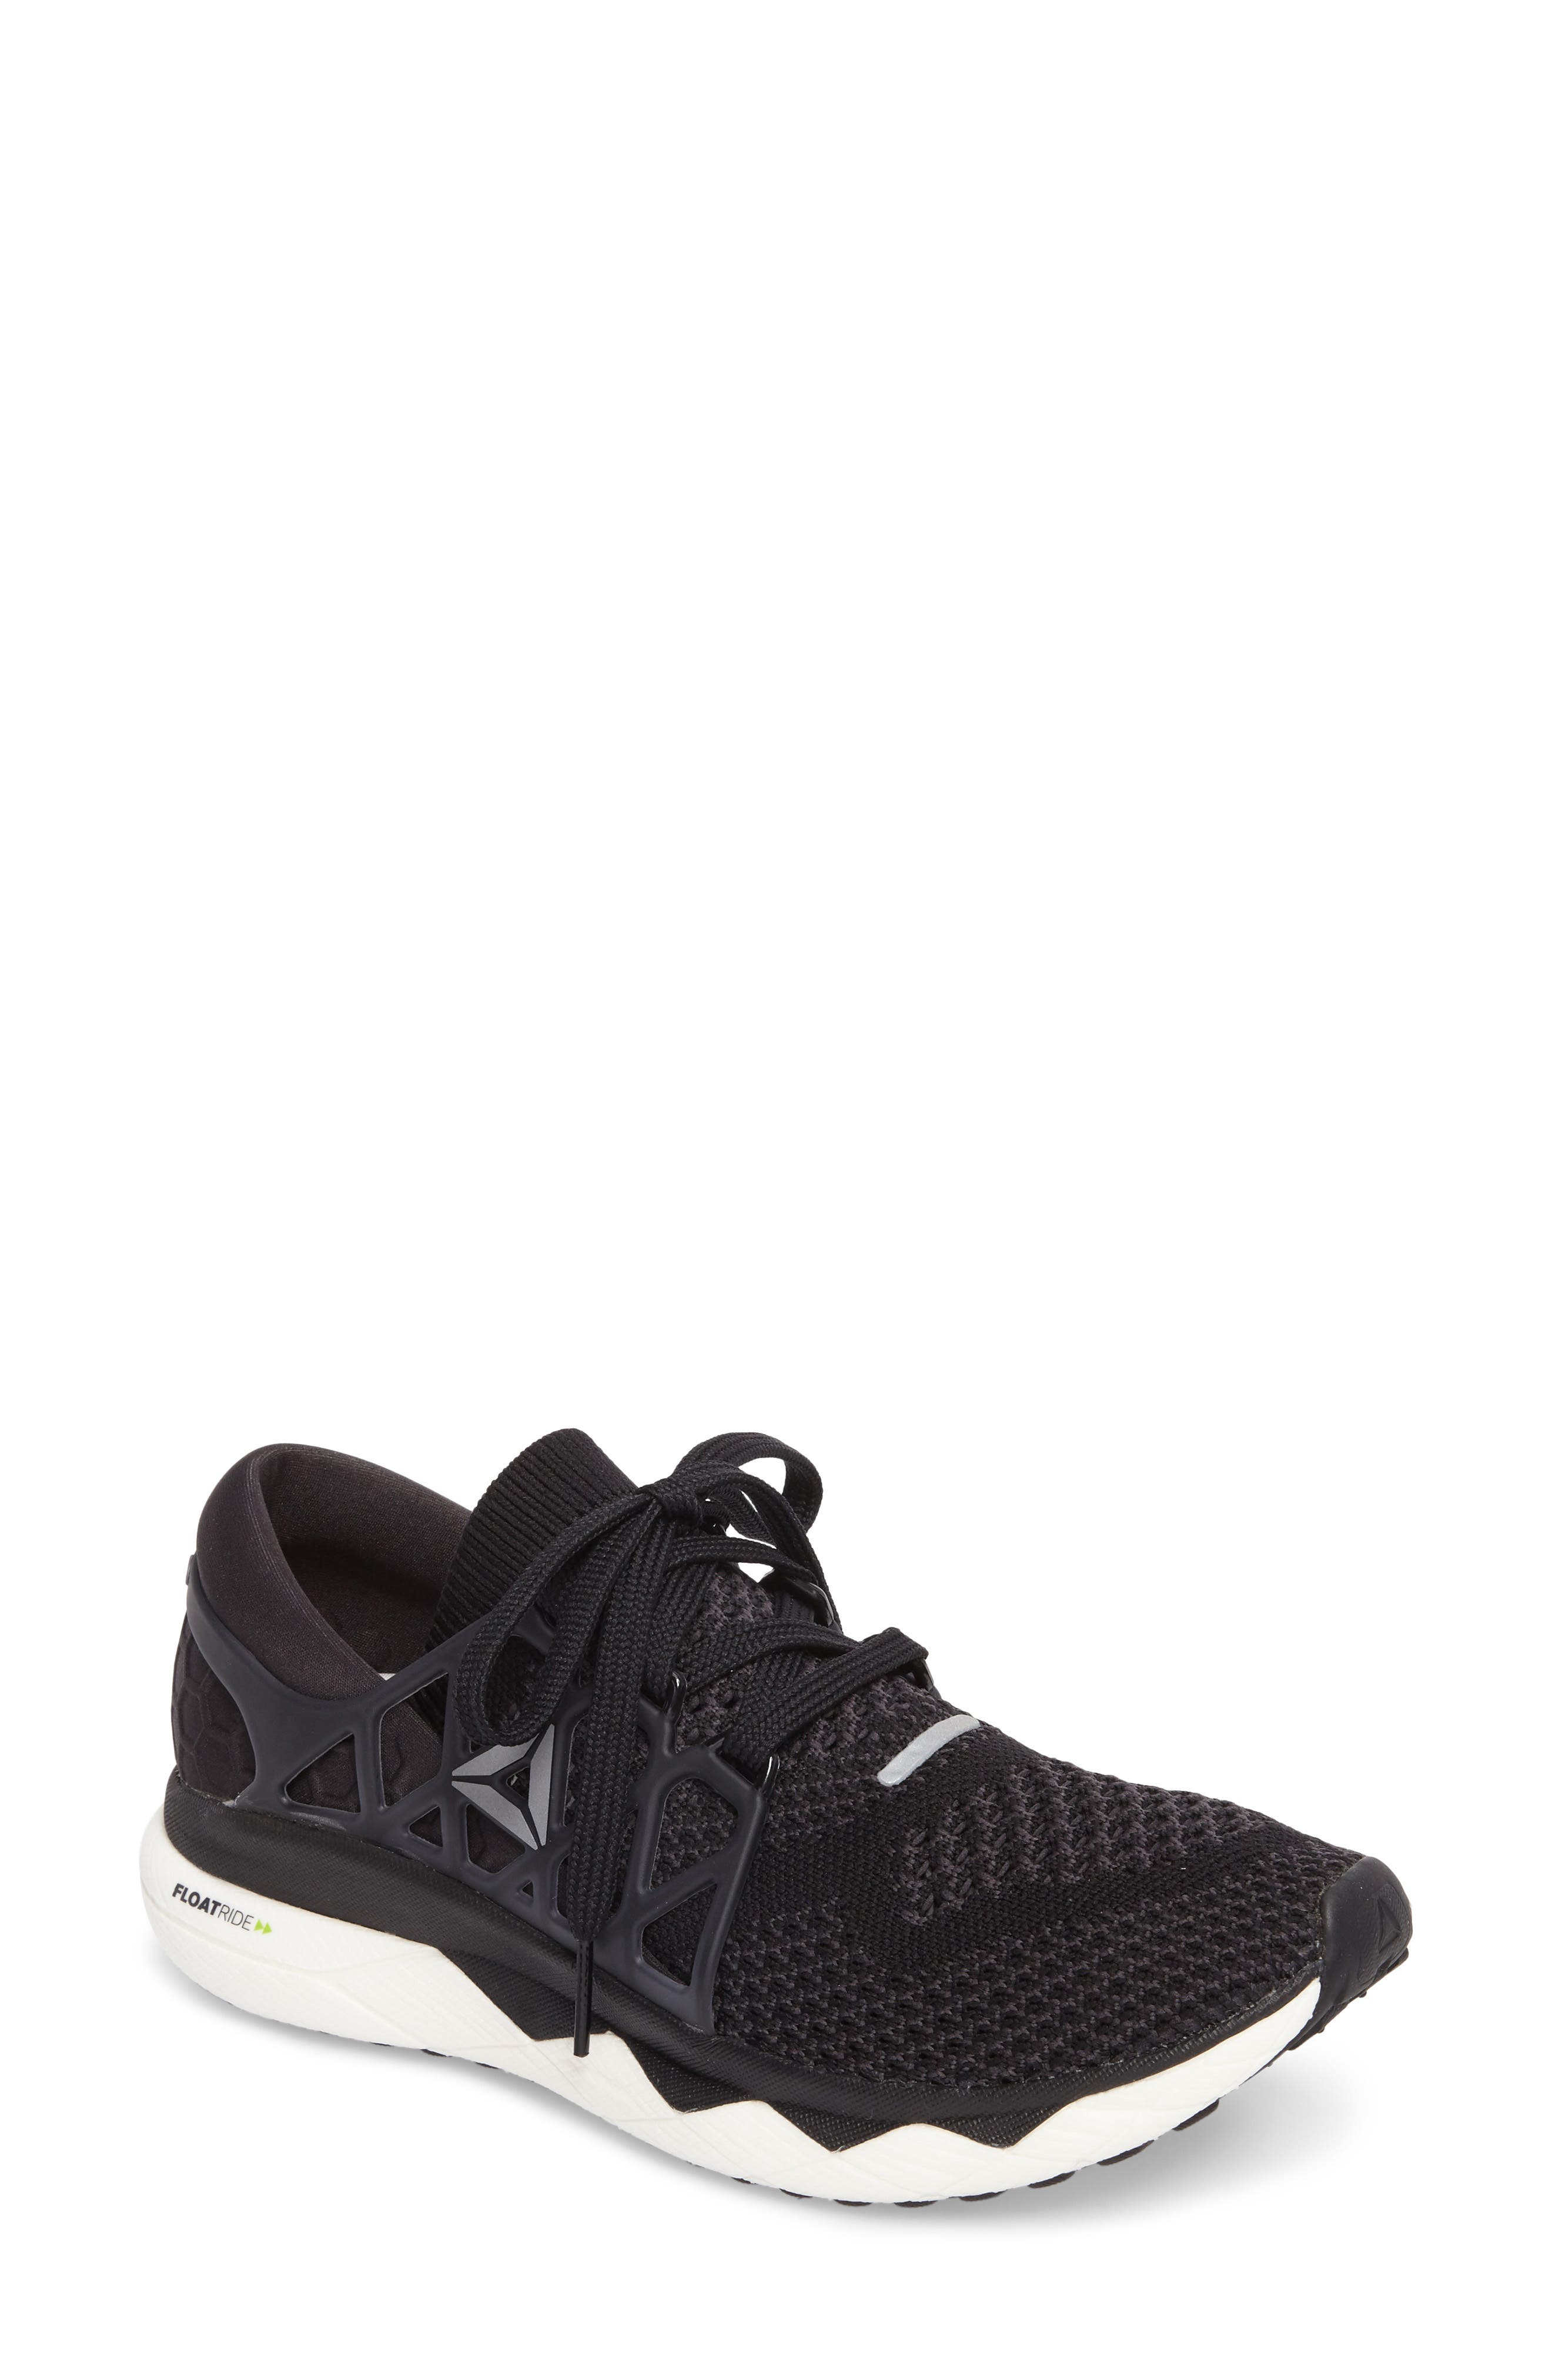 Floatride Run Running Shoe,                         Main,                         color, Black/ Gravel/ White